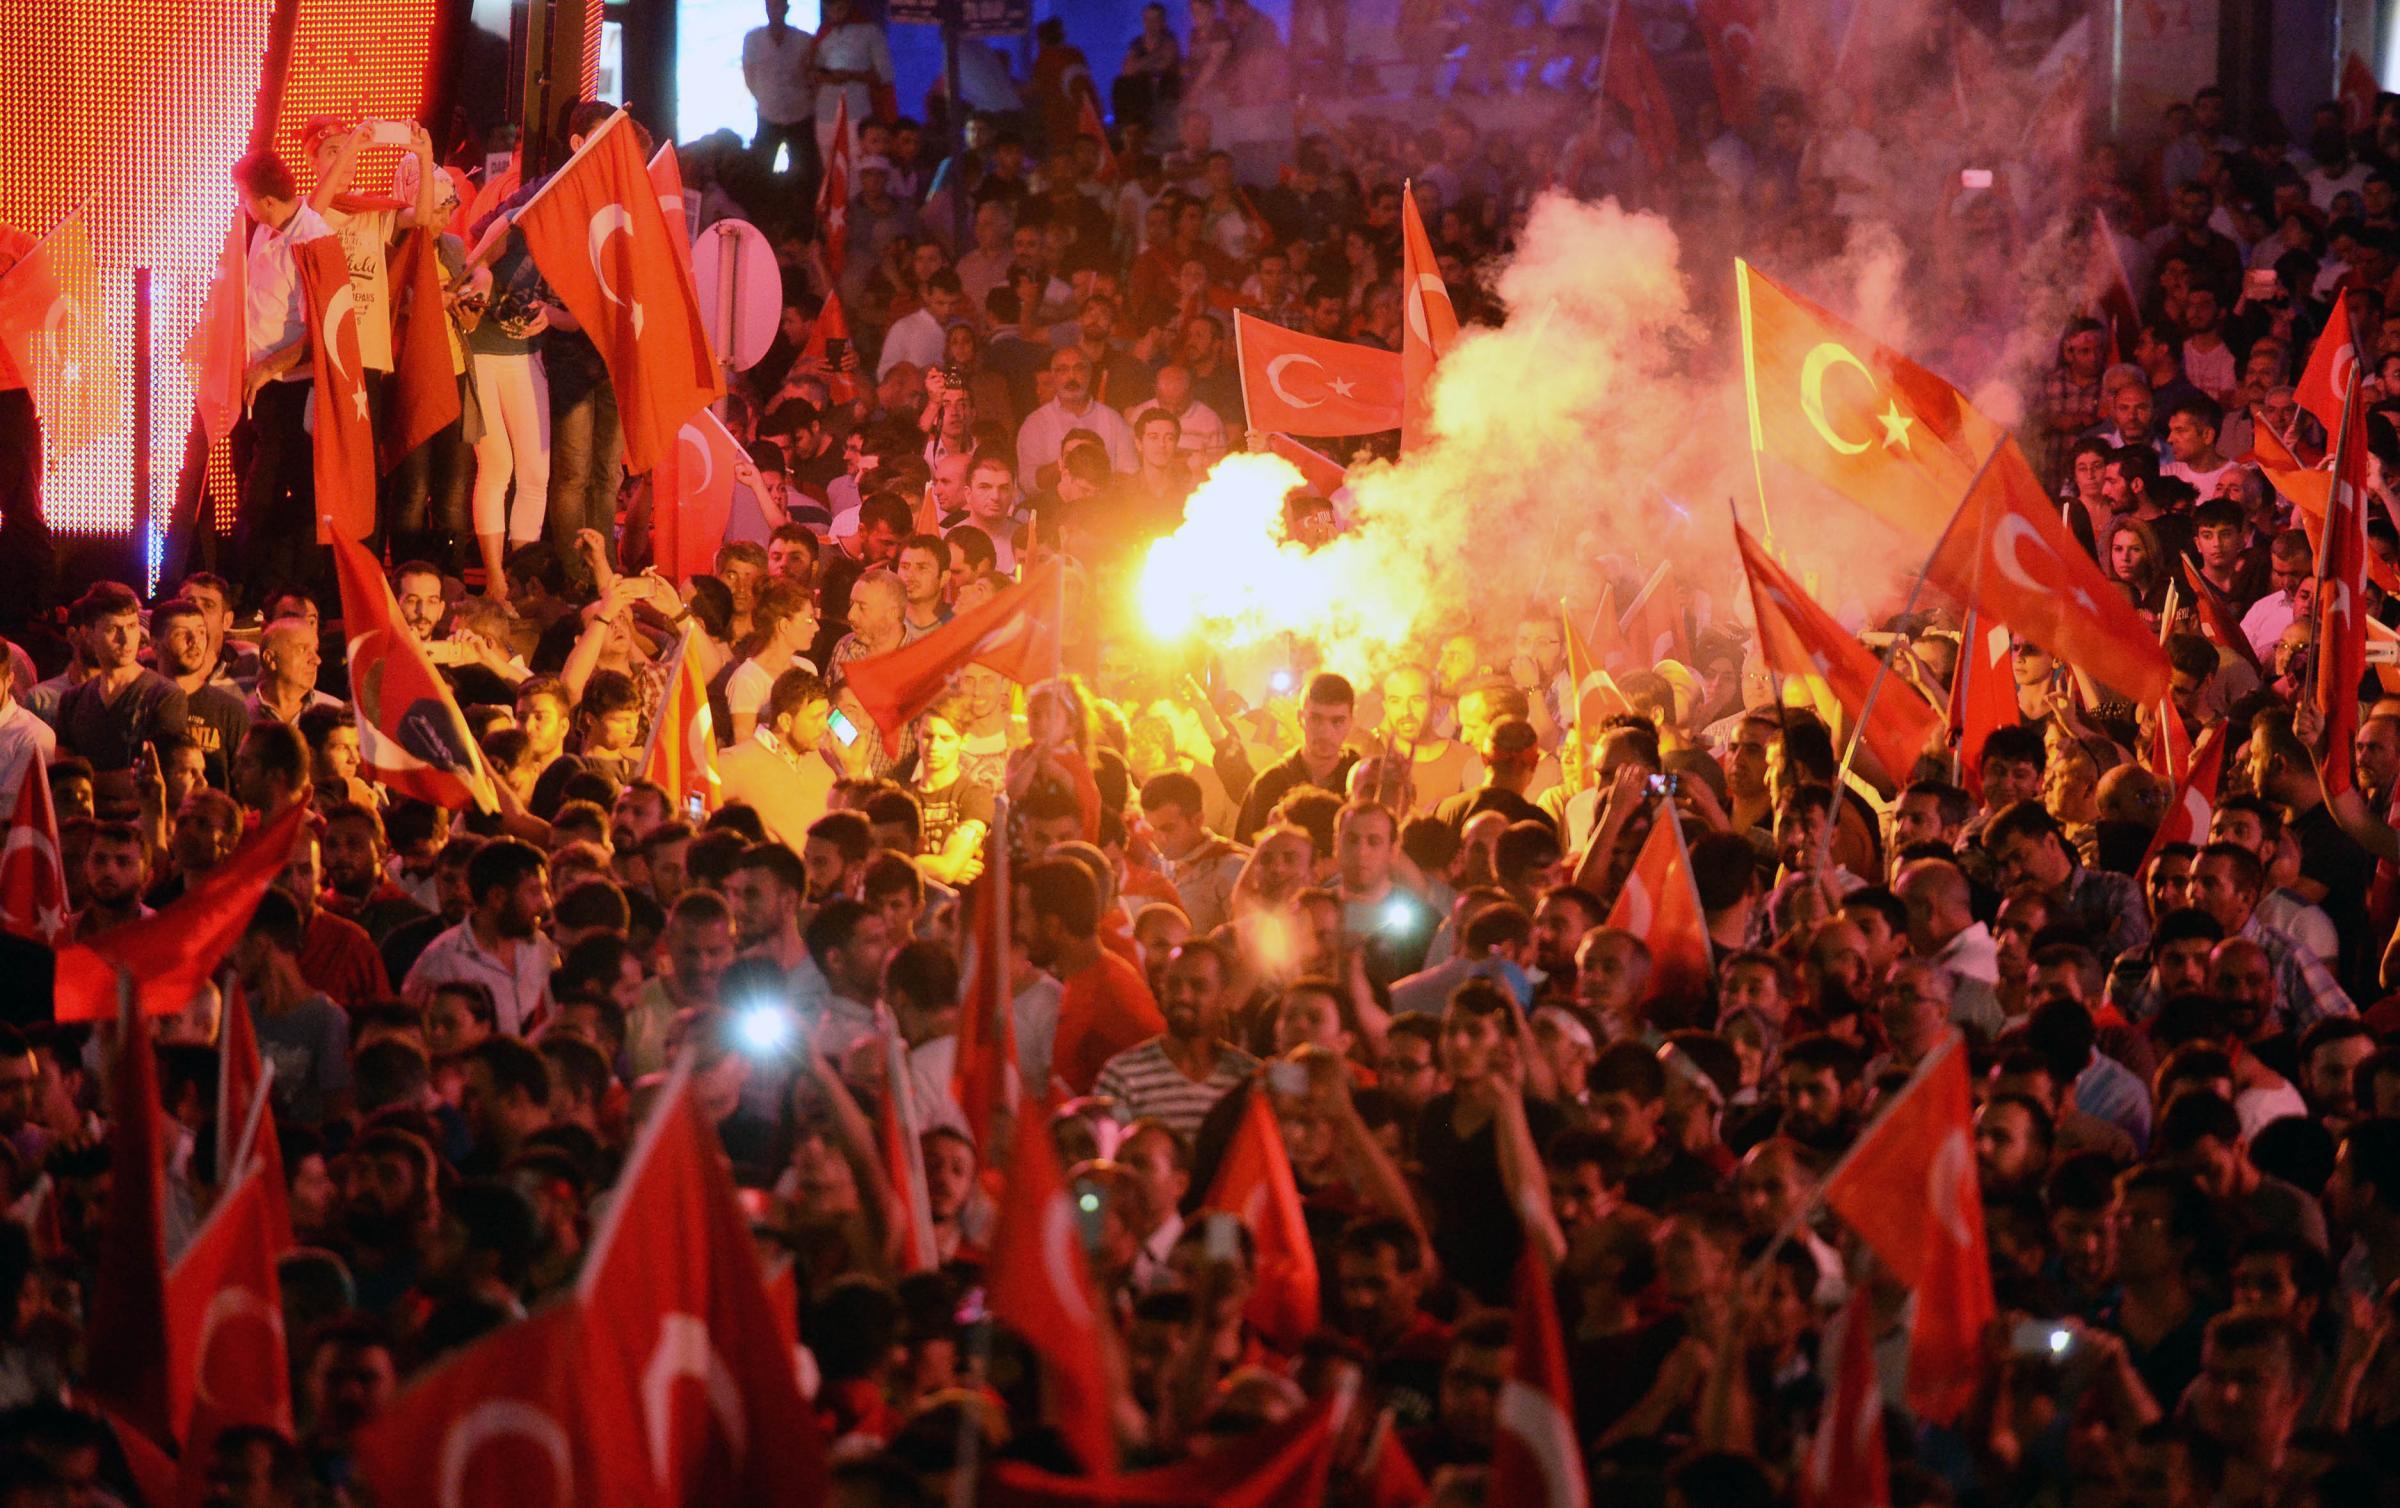 Turchia, sostenitori Erdogan in piazza dopo il fallimento del golpe